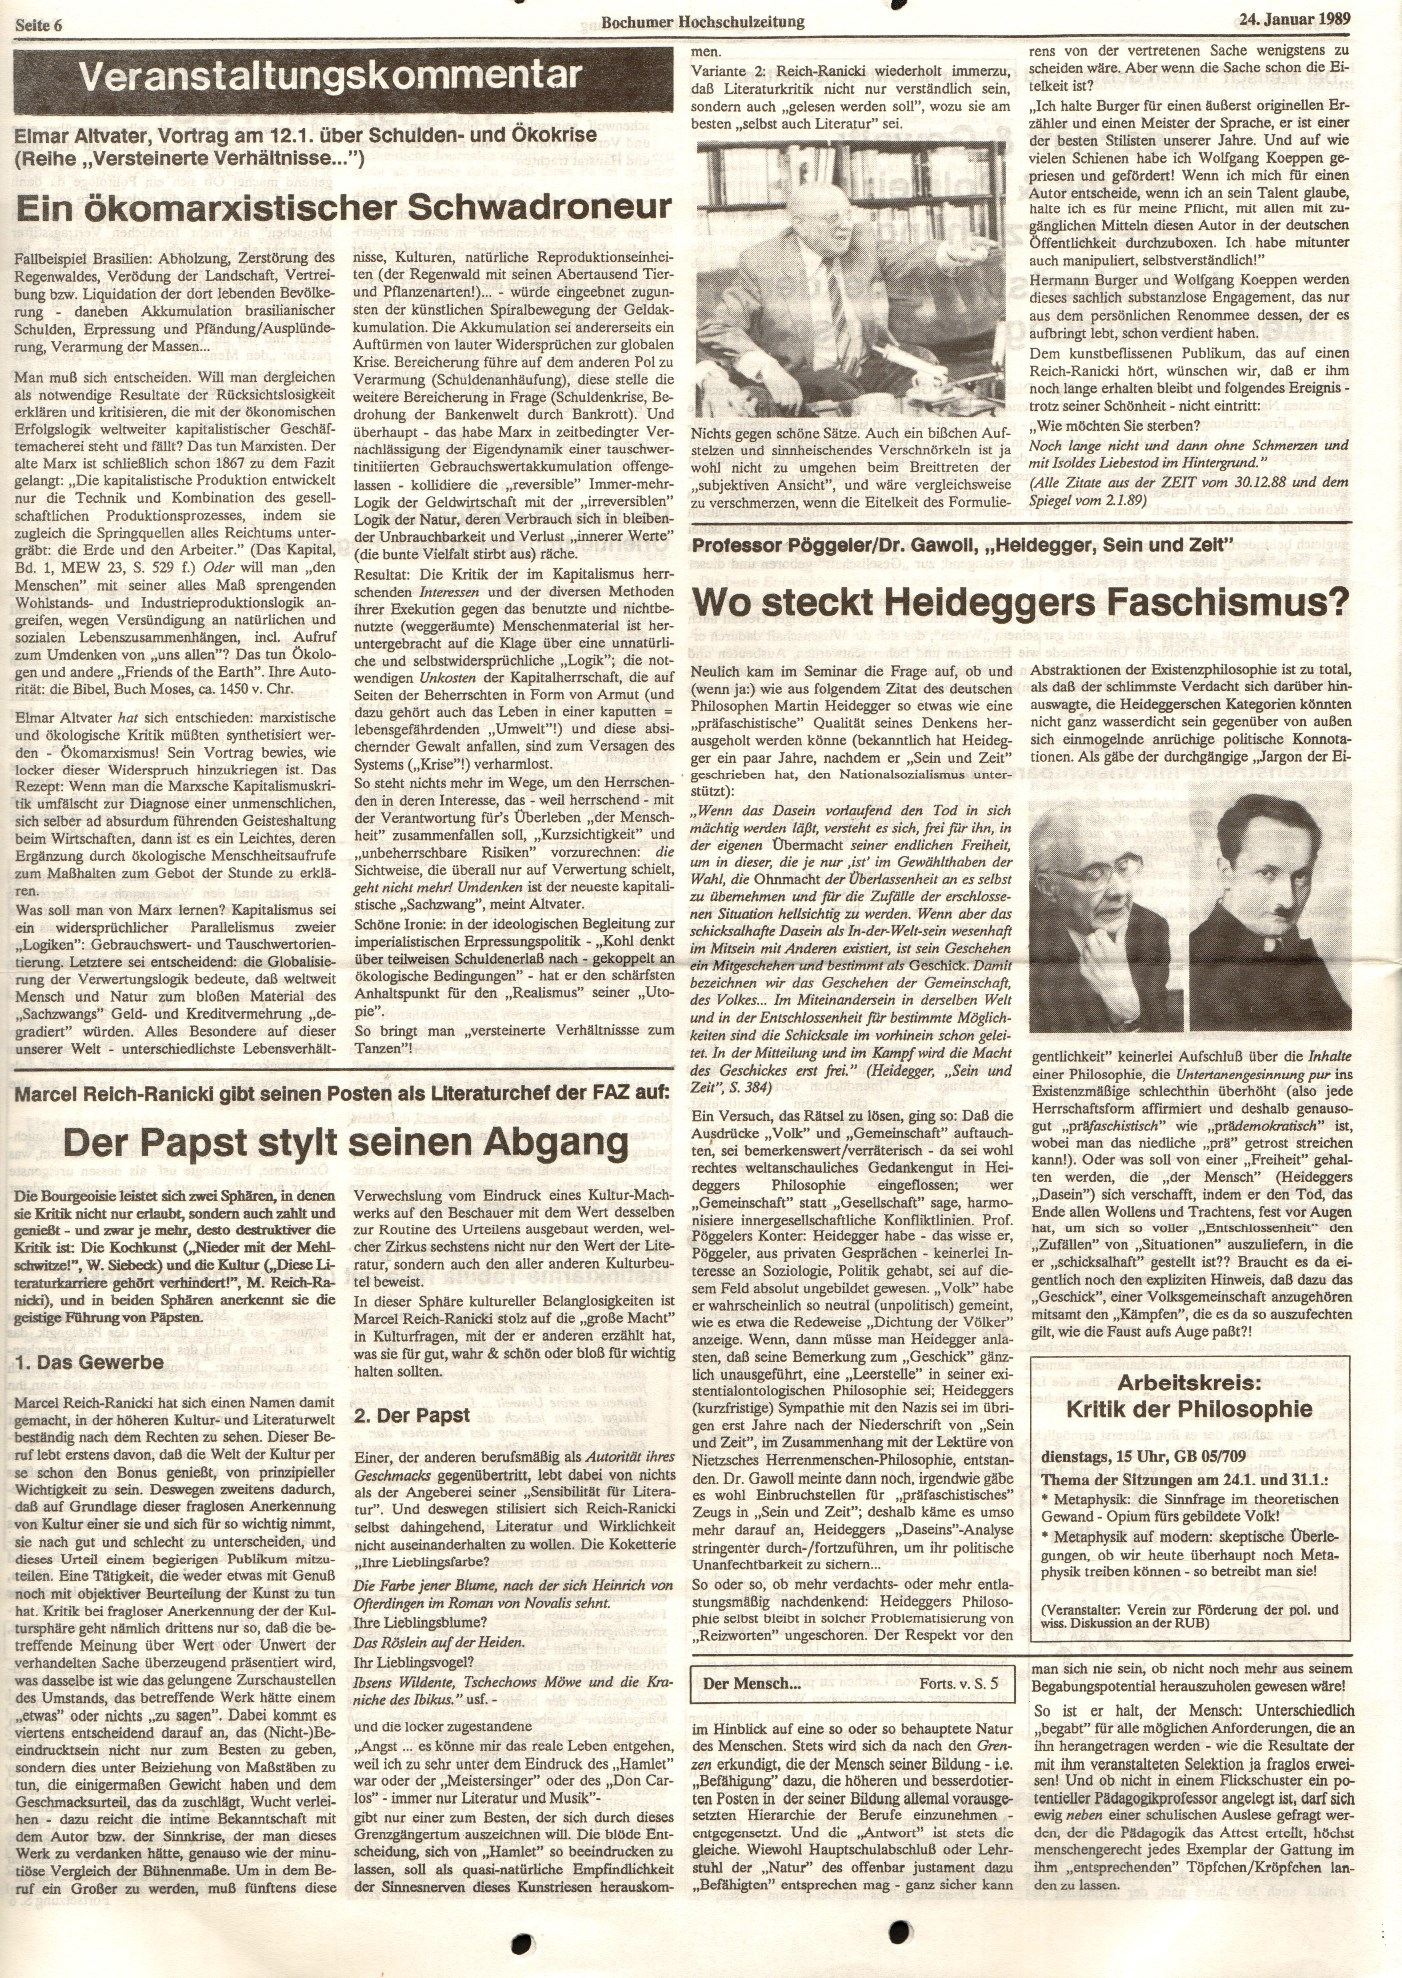 MG_Bochumer_Hochschulzeitung_19890124_06